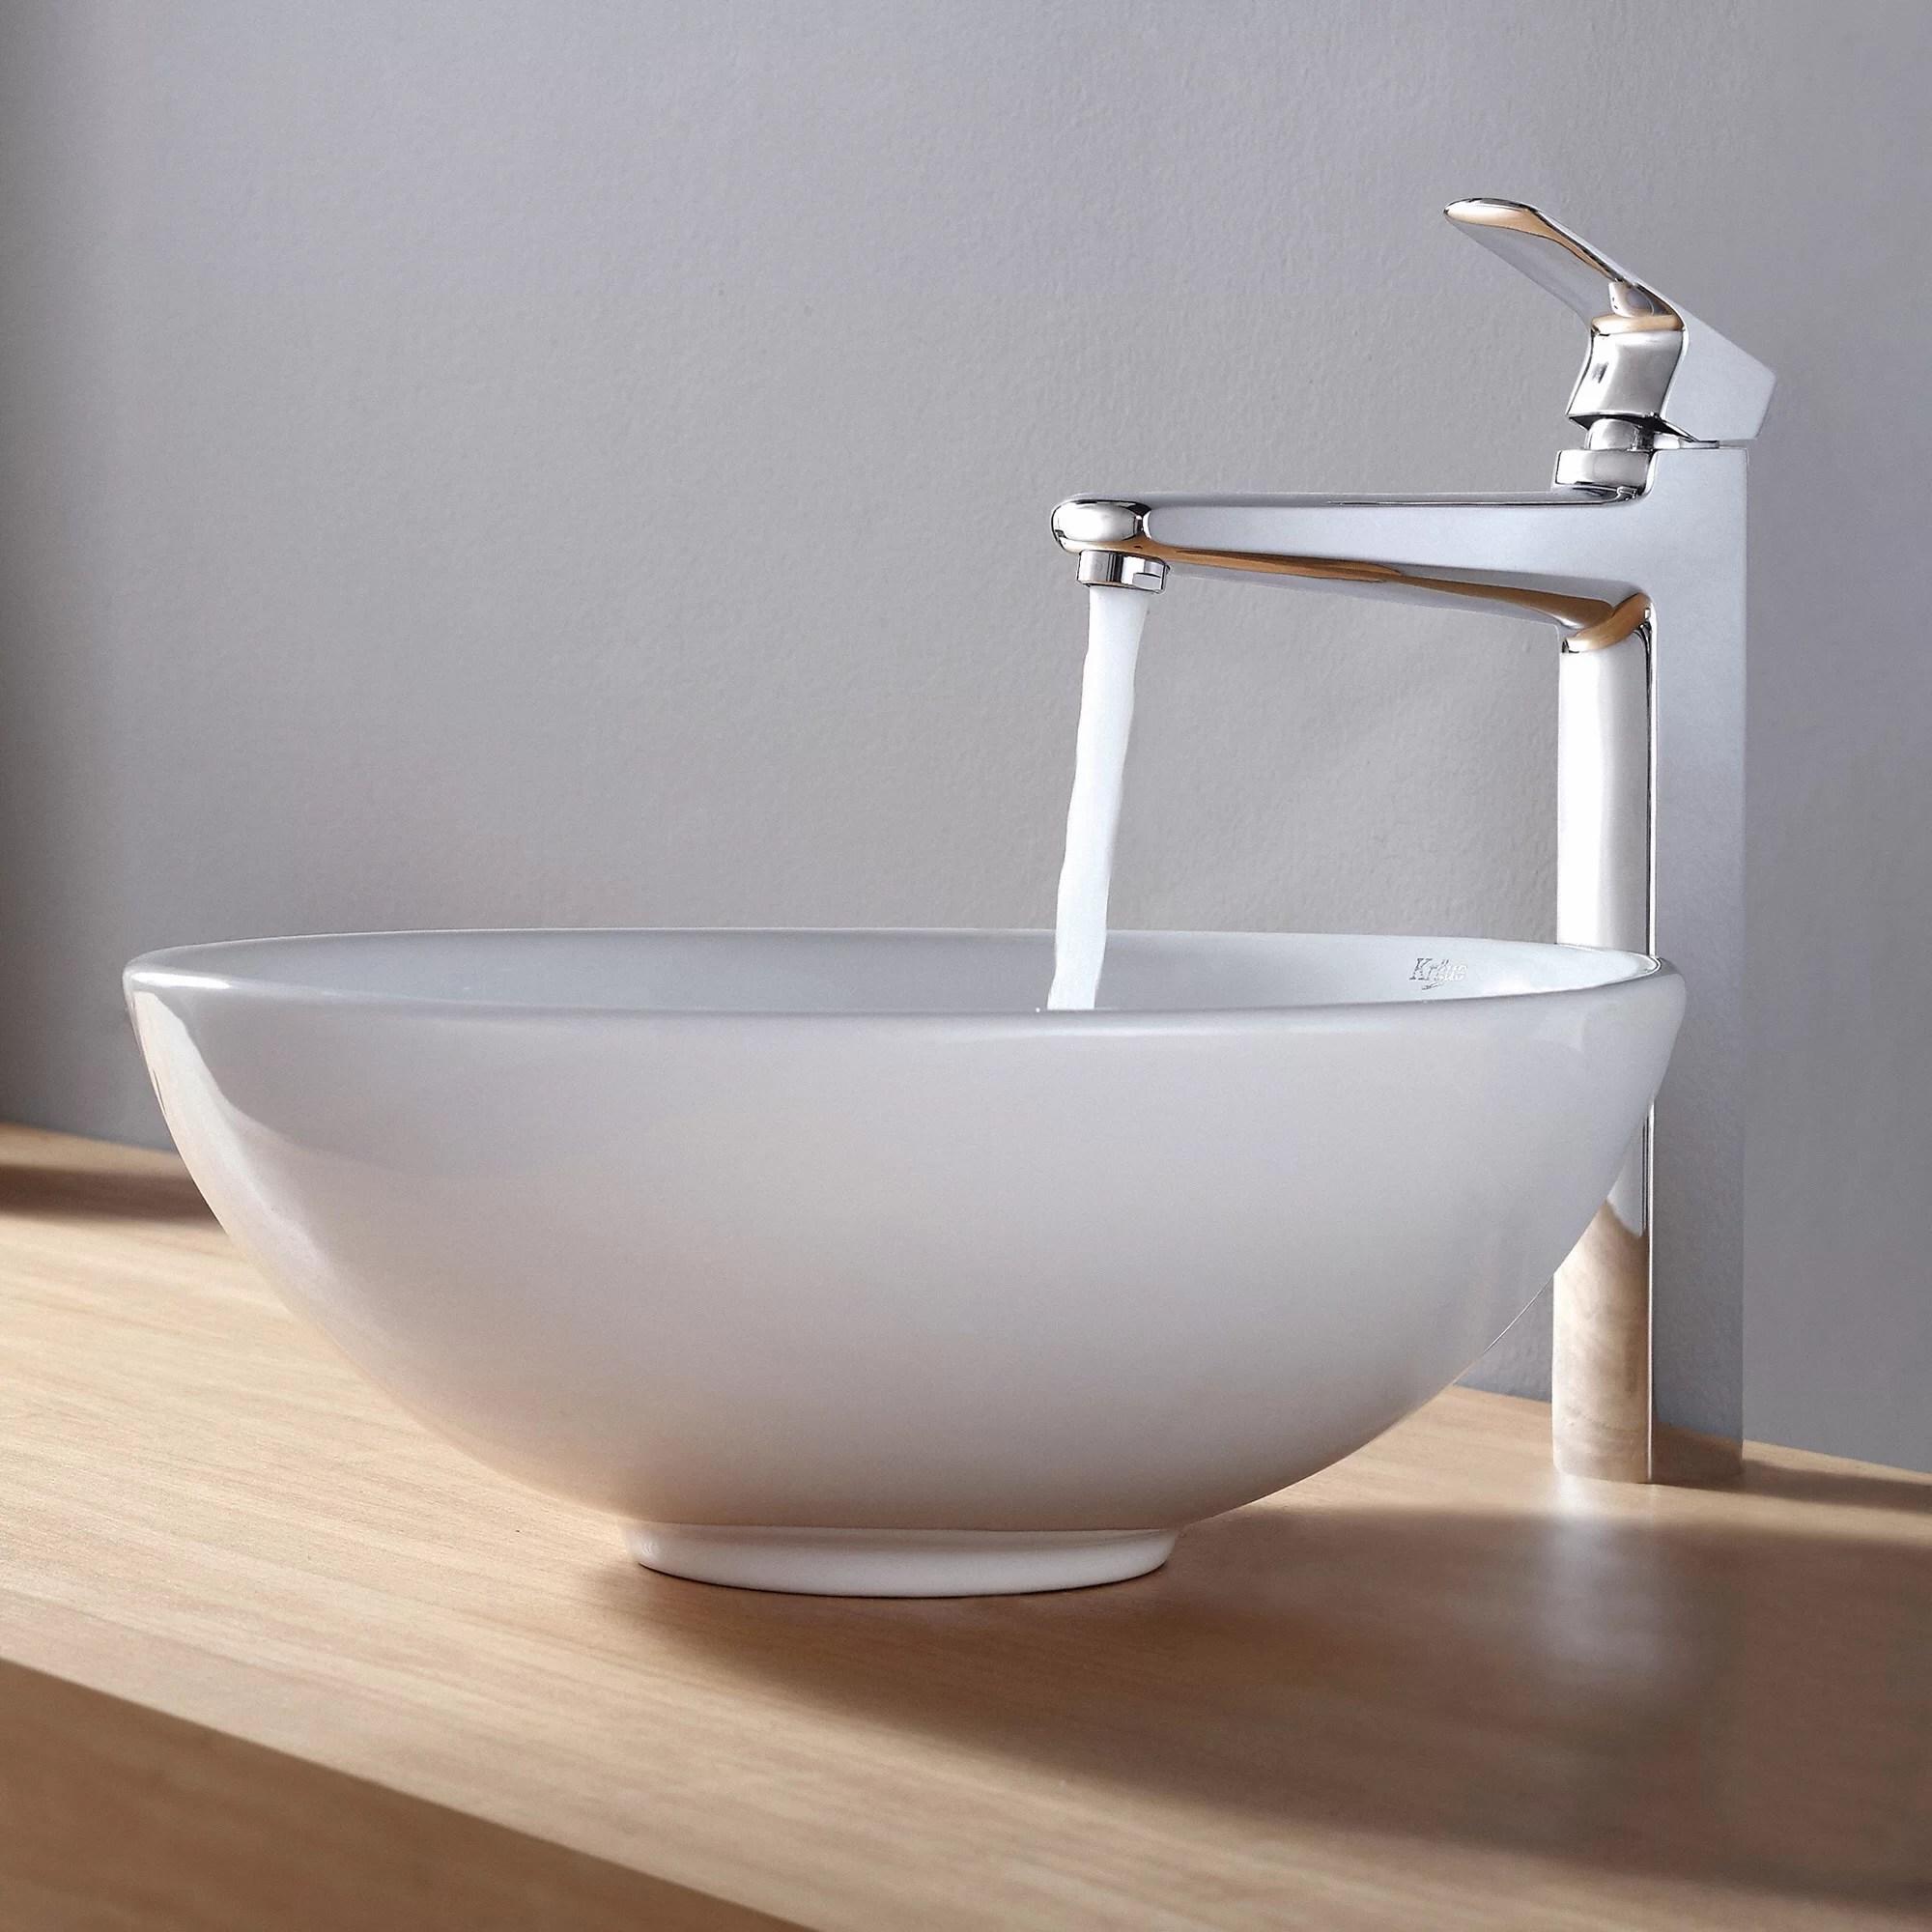 Kraus Ceramic Round Vessel Bathroom Sink  Reviews  Wayfair